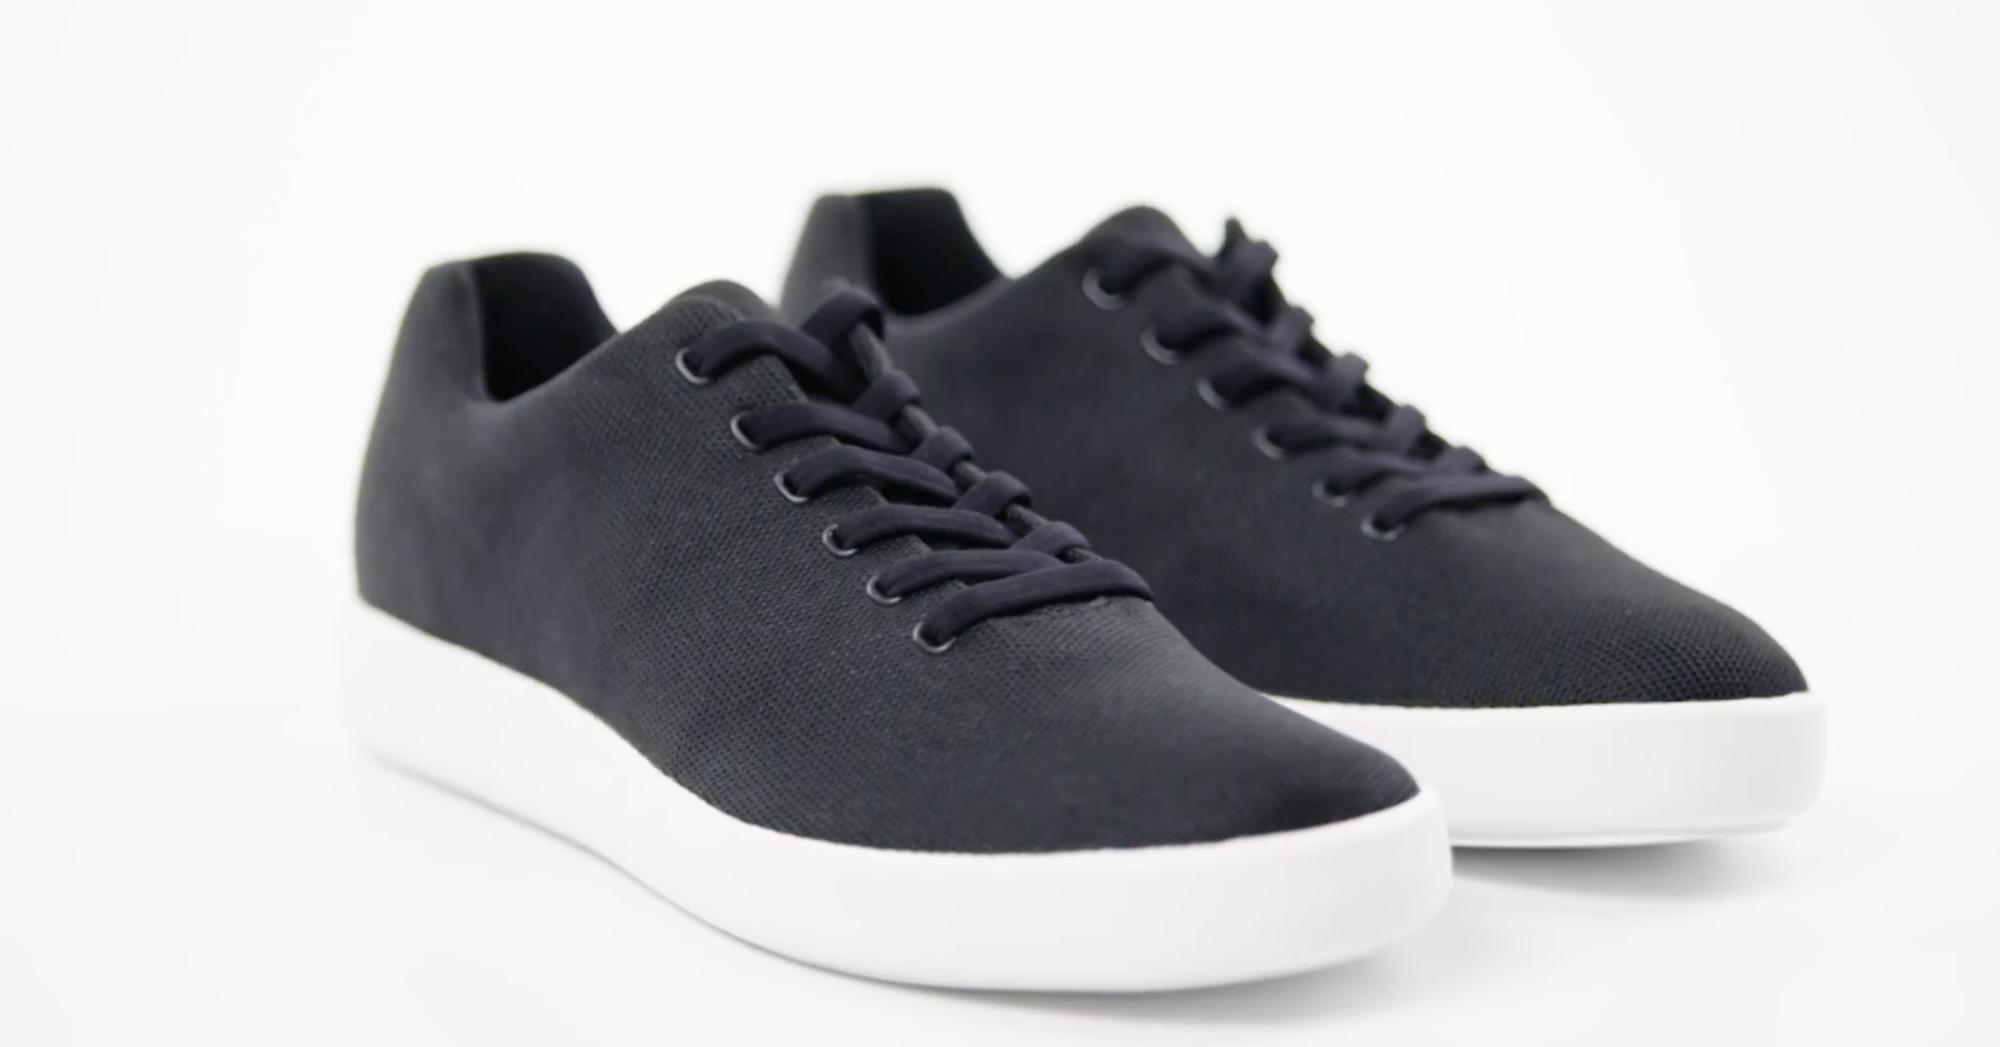 11a66bebe3c Cette startup modernise l expérience pédestre (elle vend des chaussures)